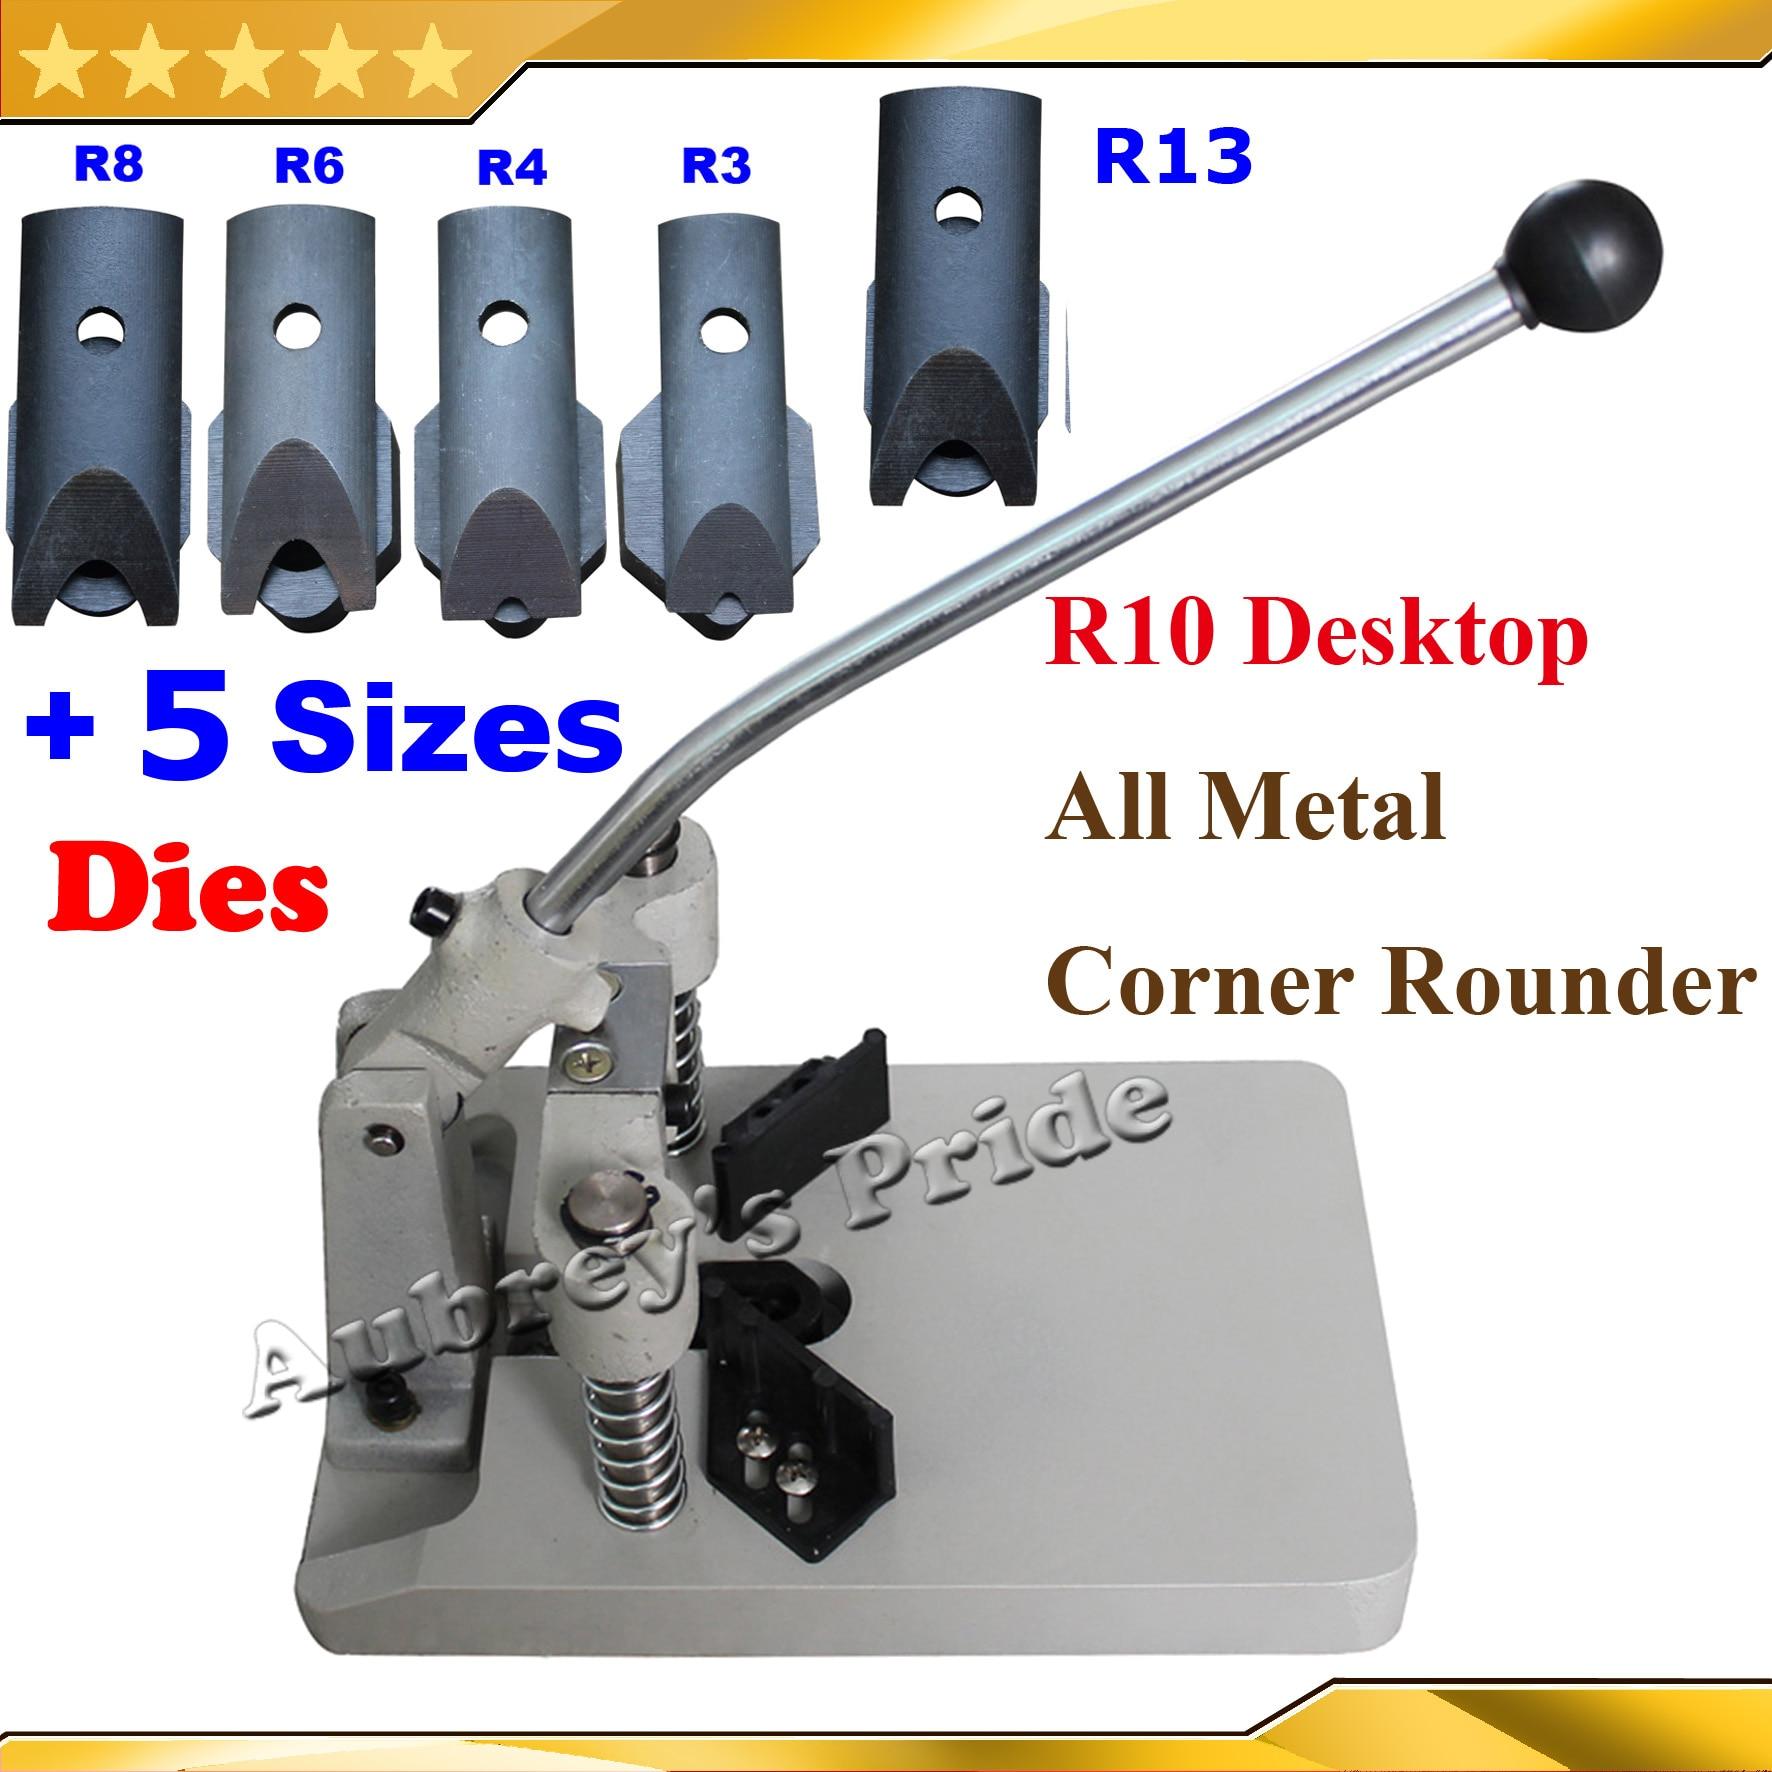 6 شفرات معدنية بالكامل ، قاطع دائري لبطاقة الهوية التجارية ، PVC ، 6 شفرات ، R3 ، R4 ، R6 ، R8 ، R10 ، R13